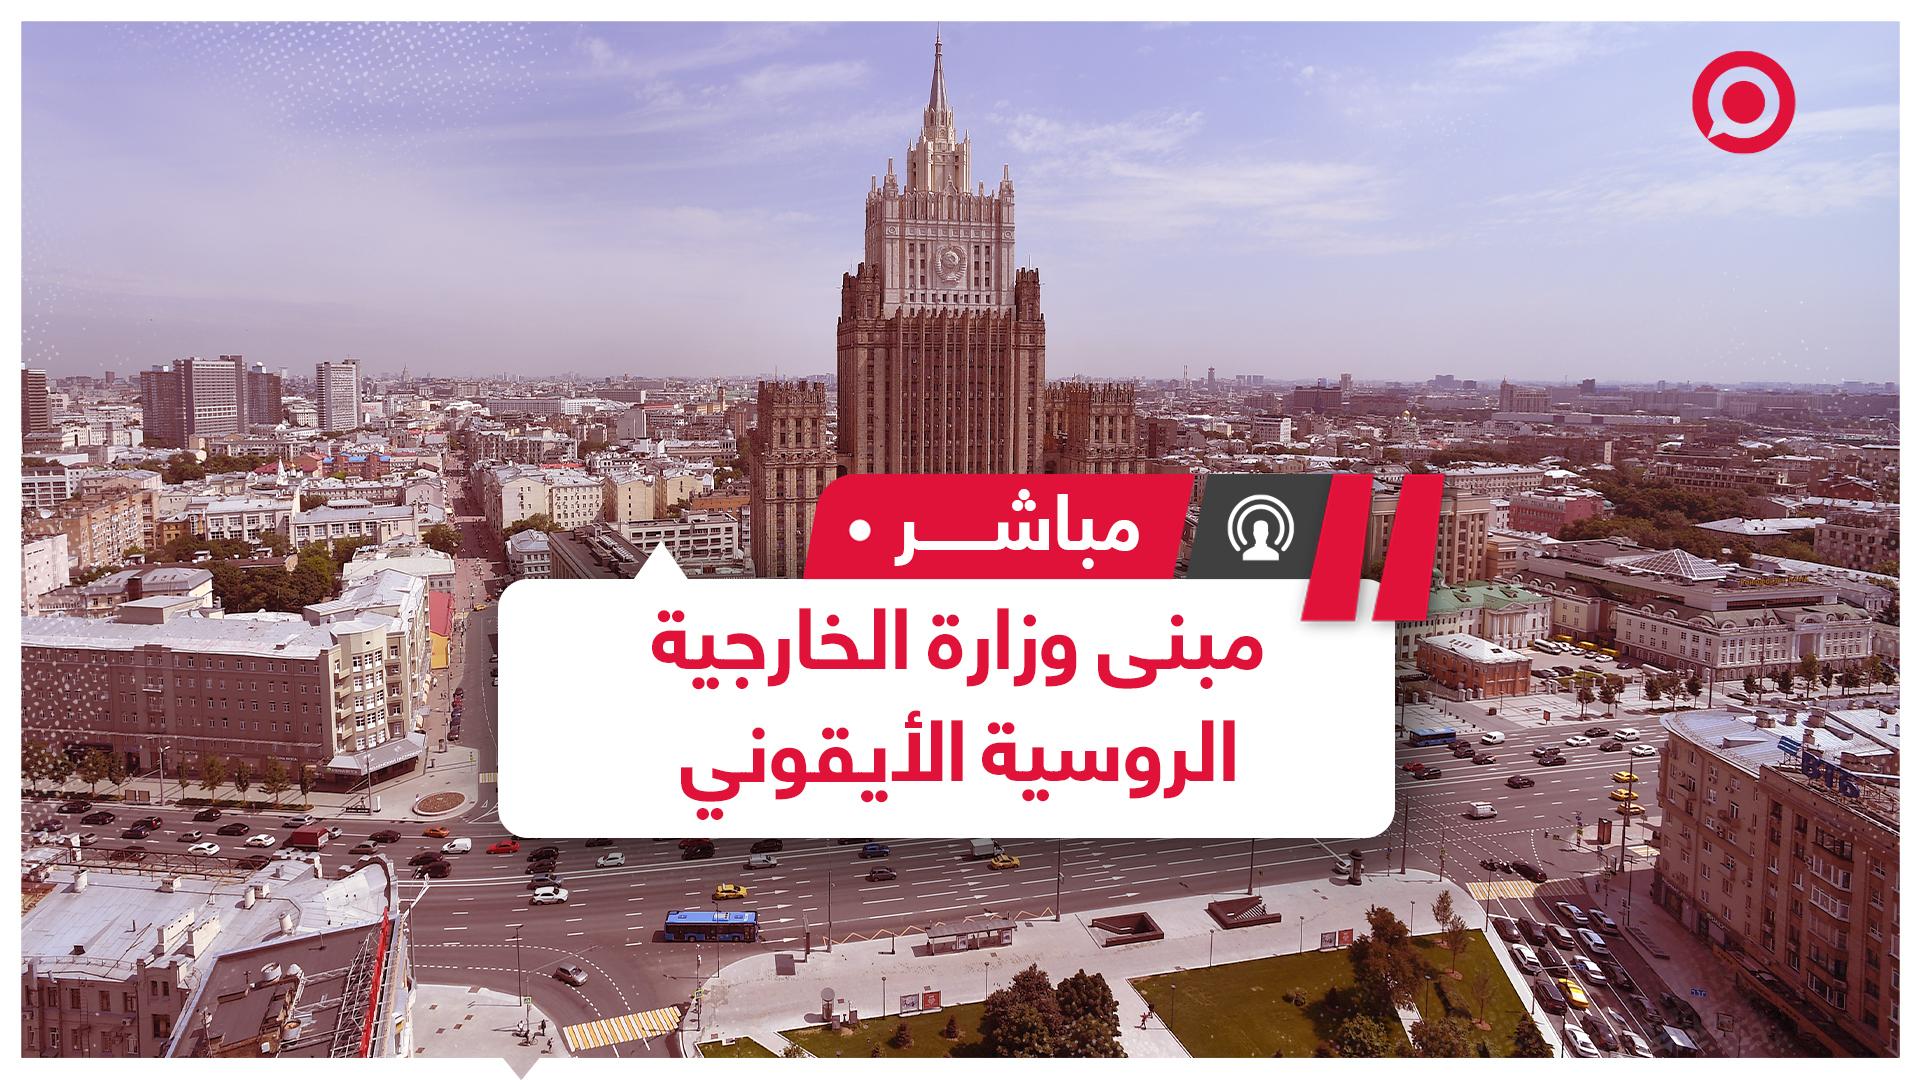 مبنى وزارة الخارجية الروسية وبرجه الأيقوني